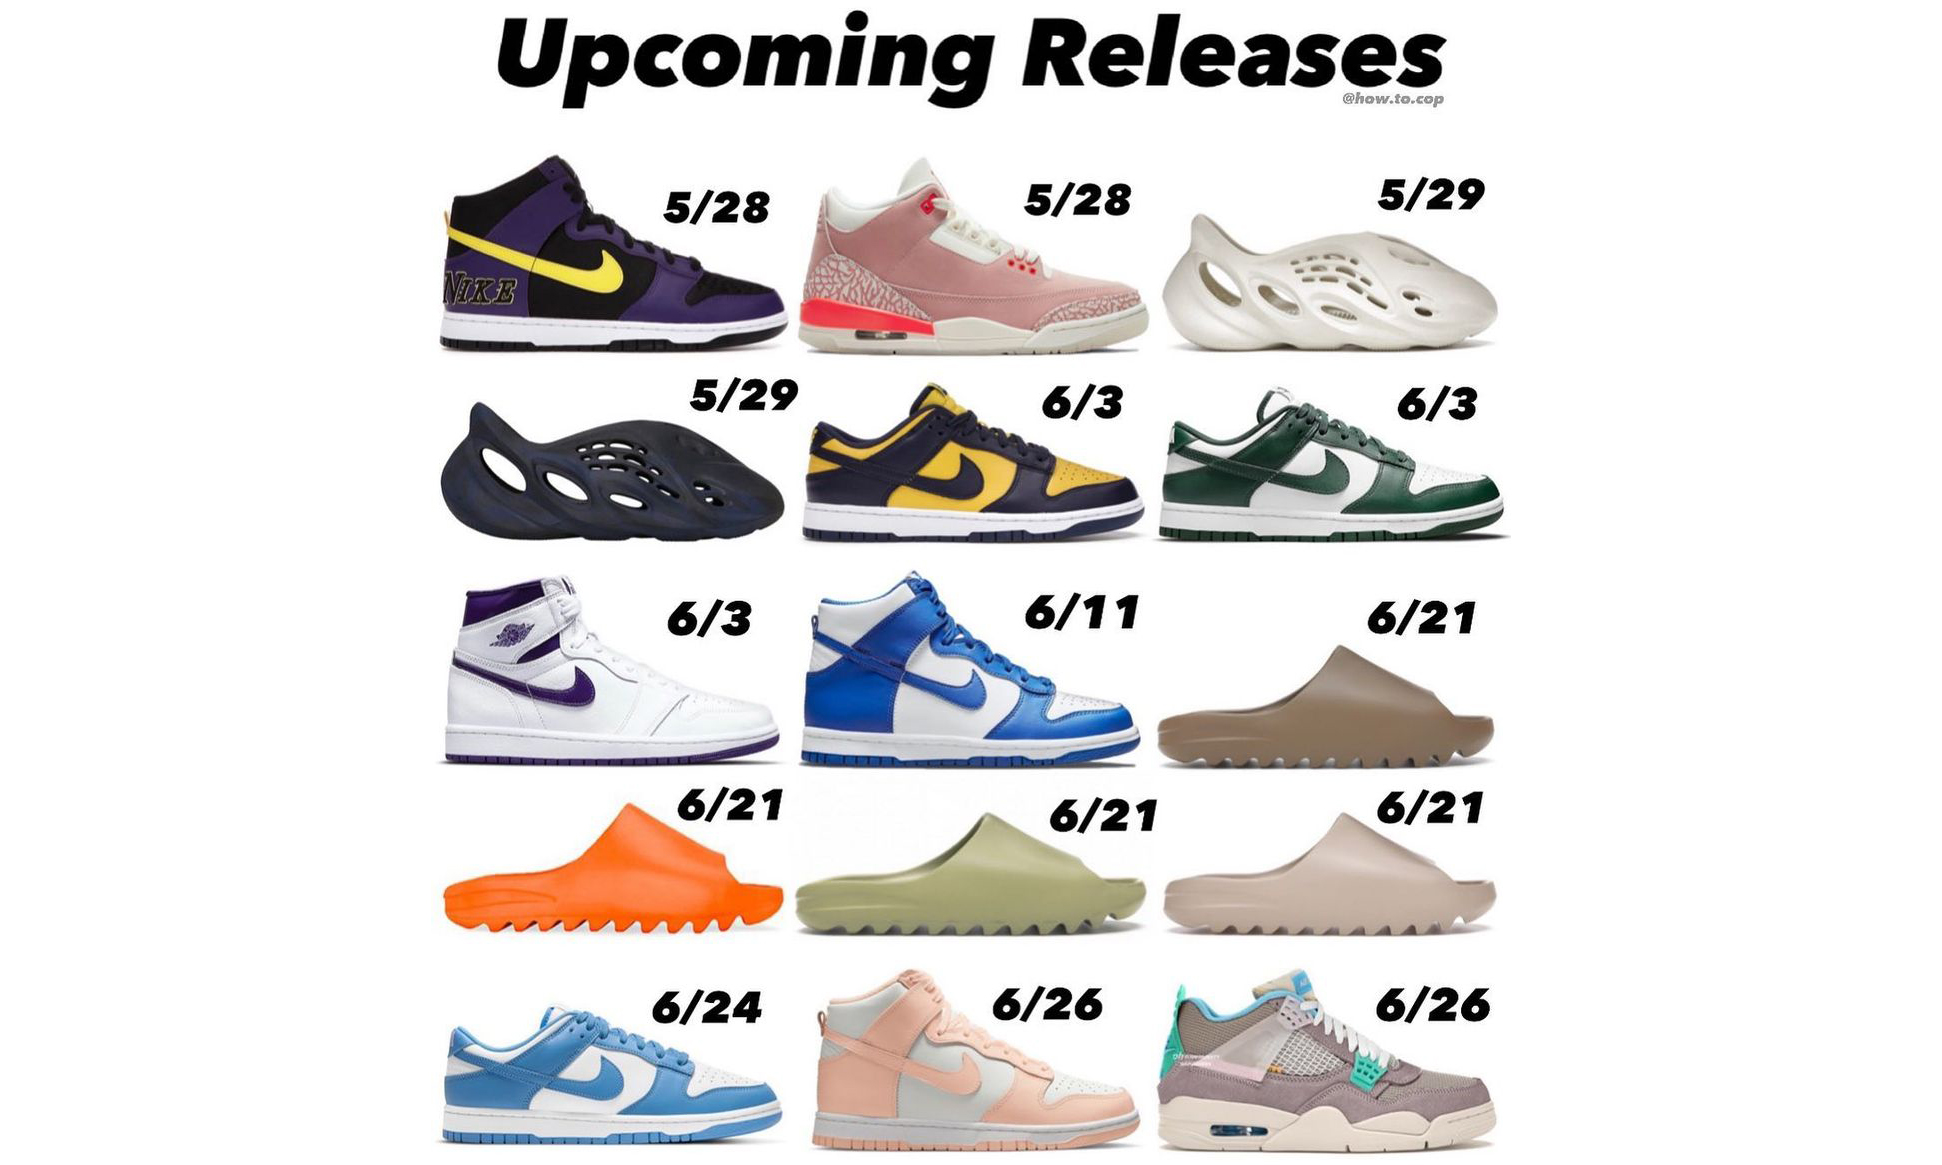 未来一个月重磅球鞋发售清单详览